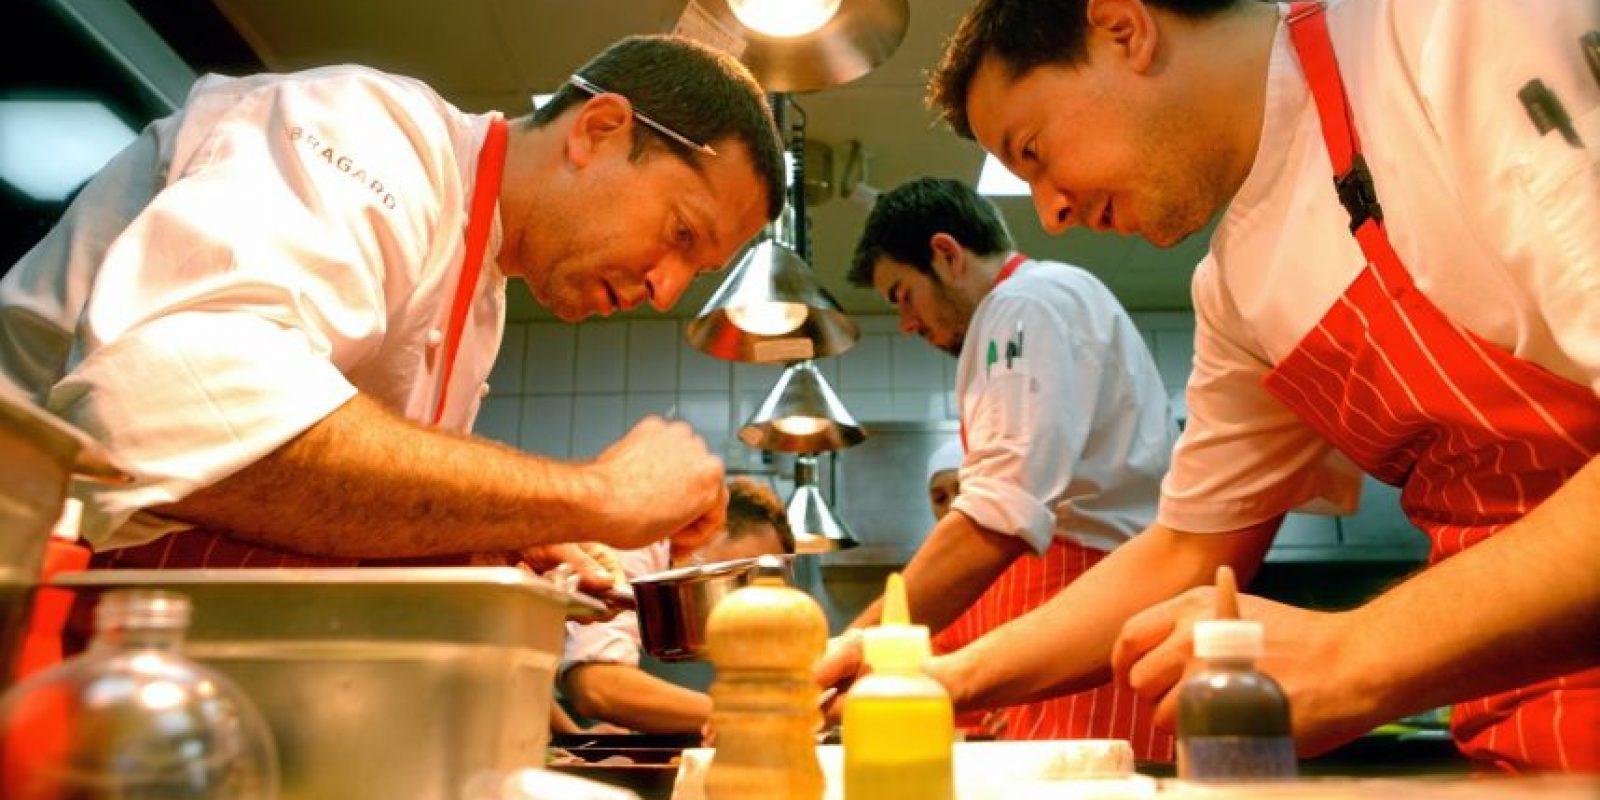 Diego Muñoz dirige la cocina de A&G Casa Moreyra.